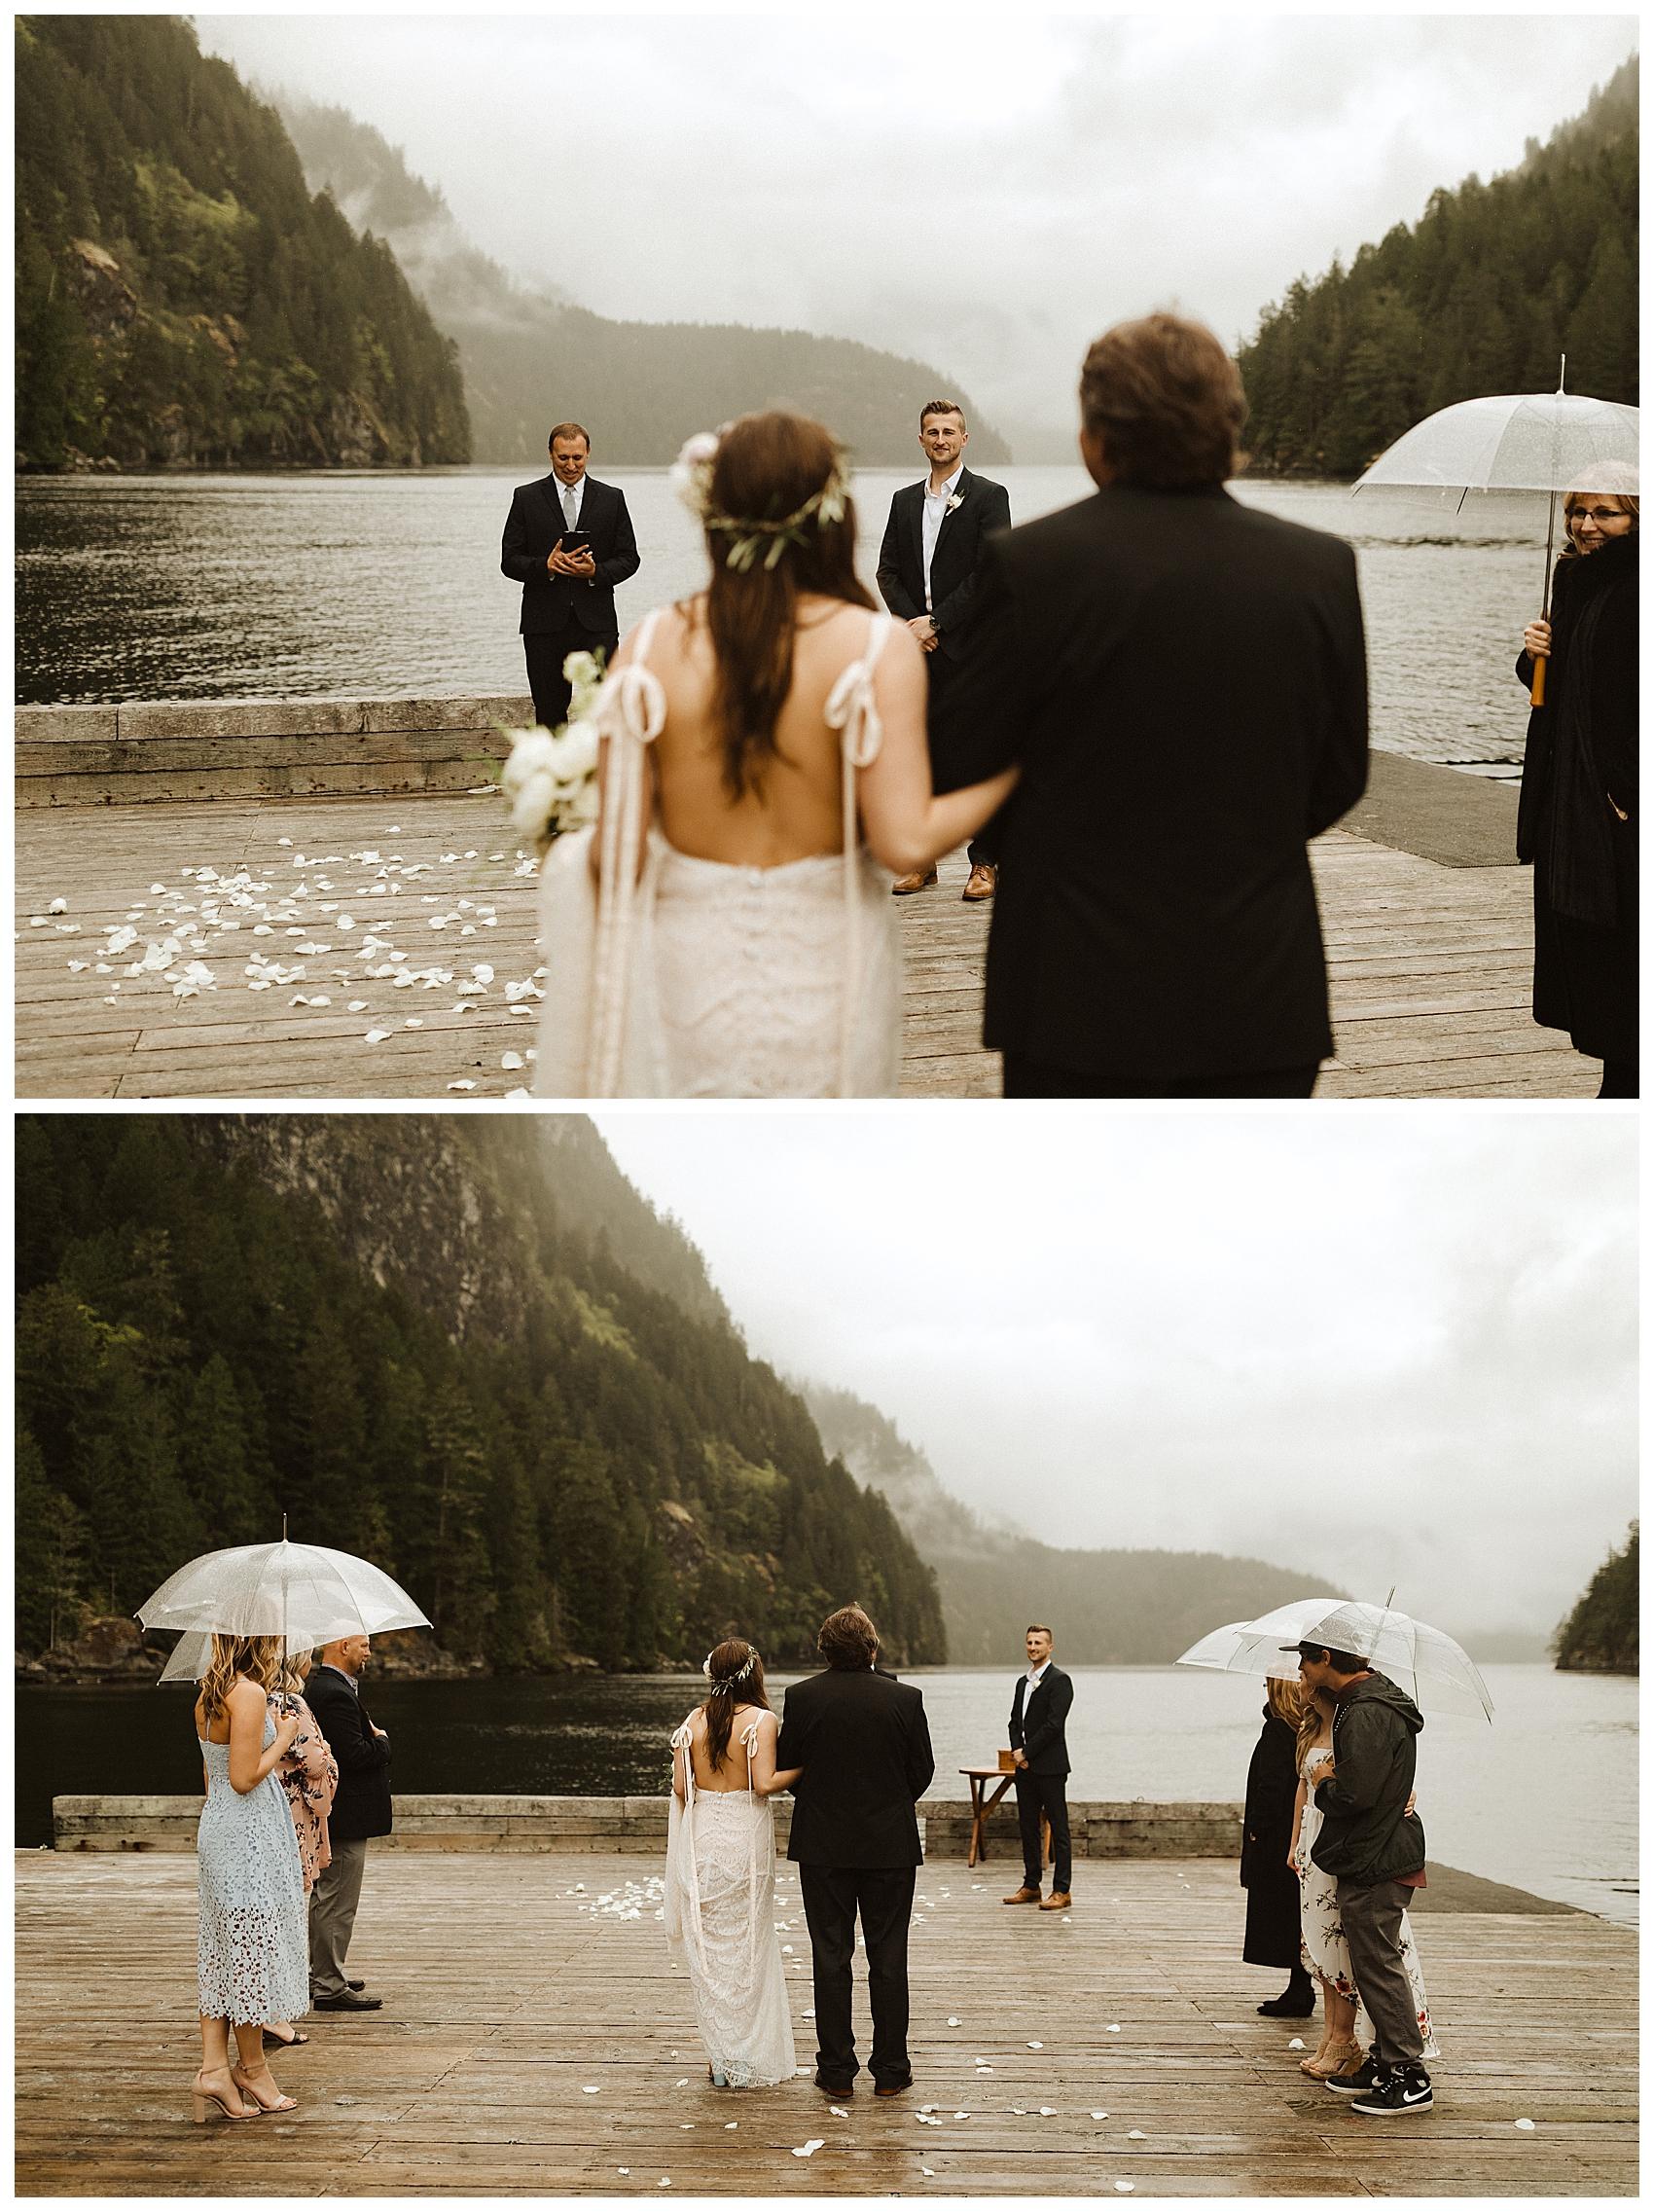 Vancouver BC Elopement Cassie Trottier Photography00046.jpg